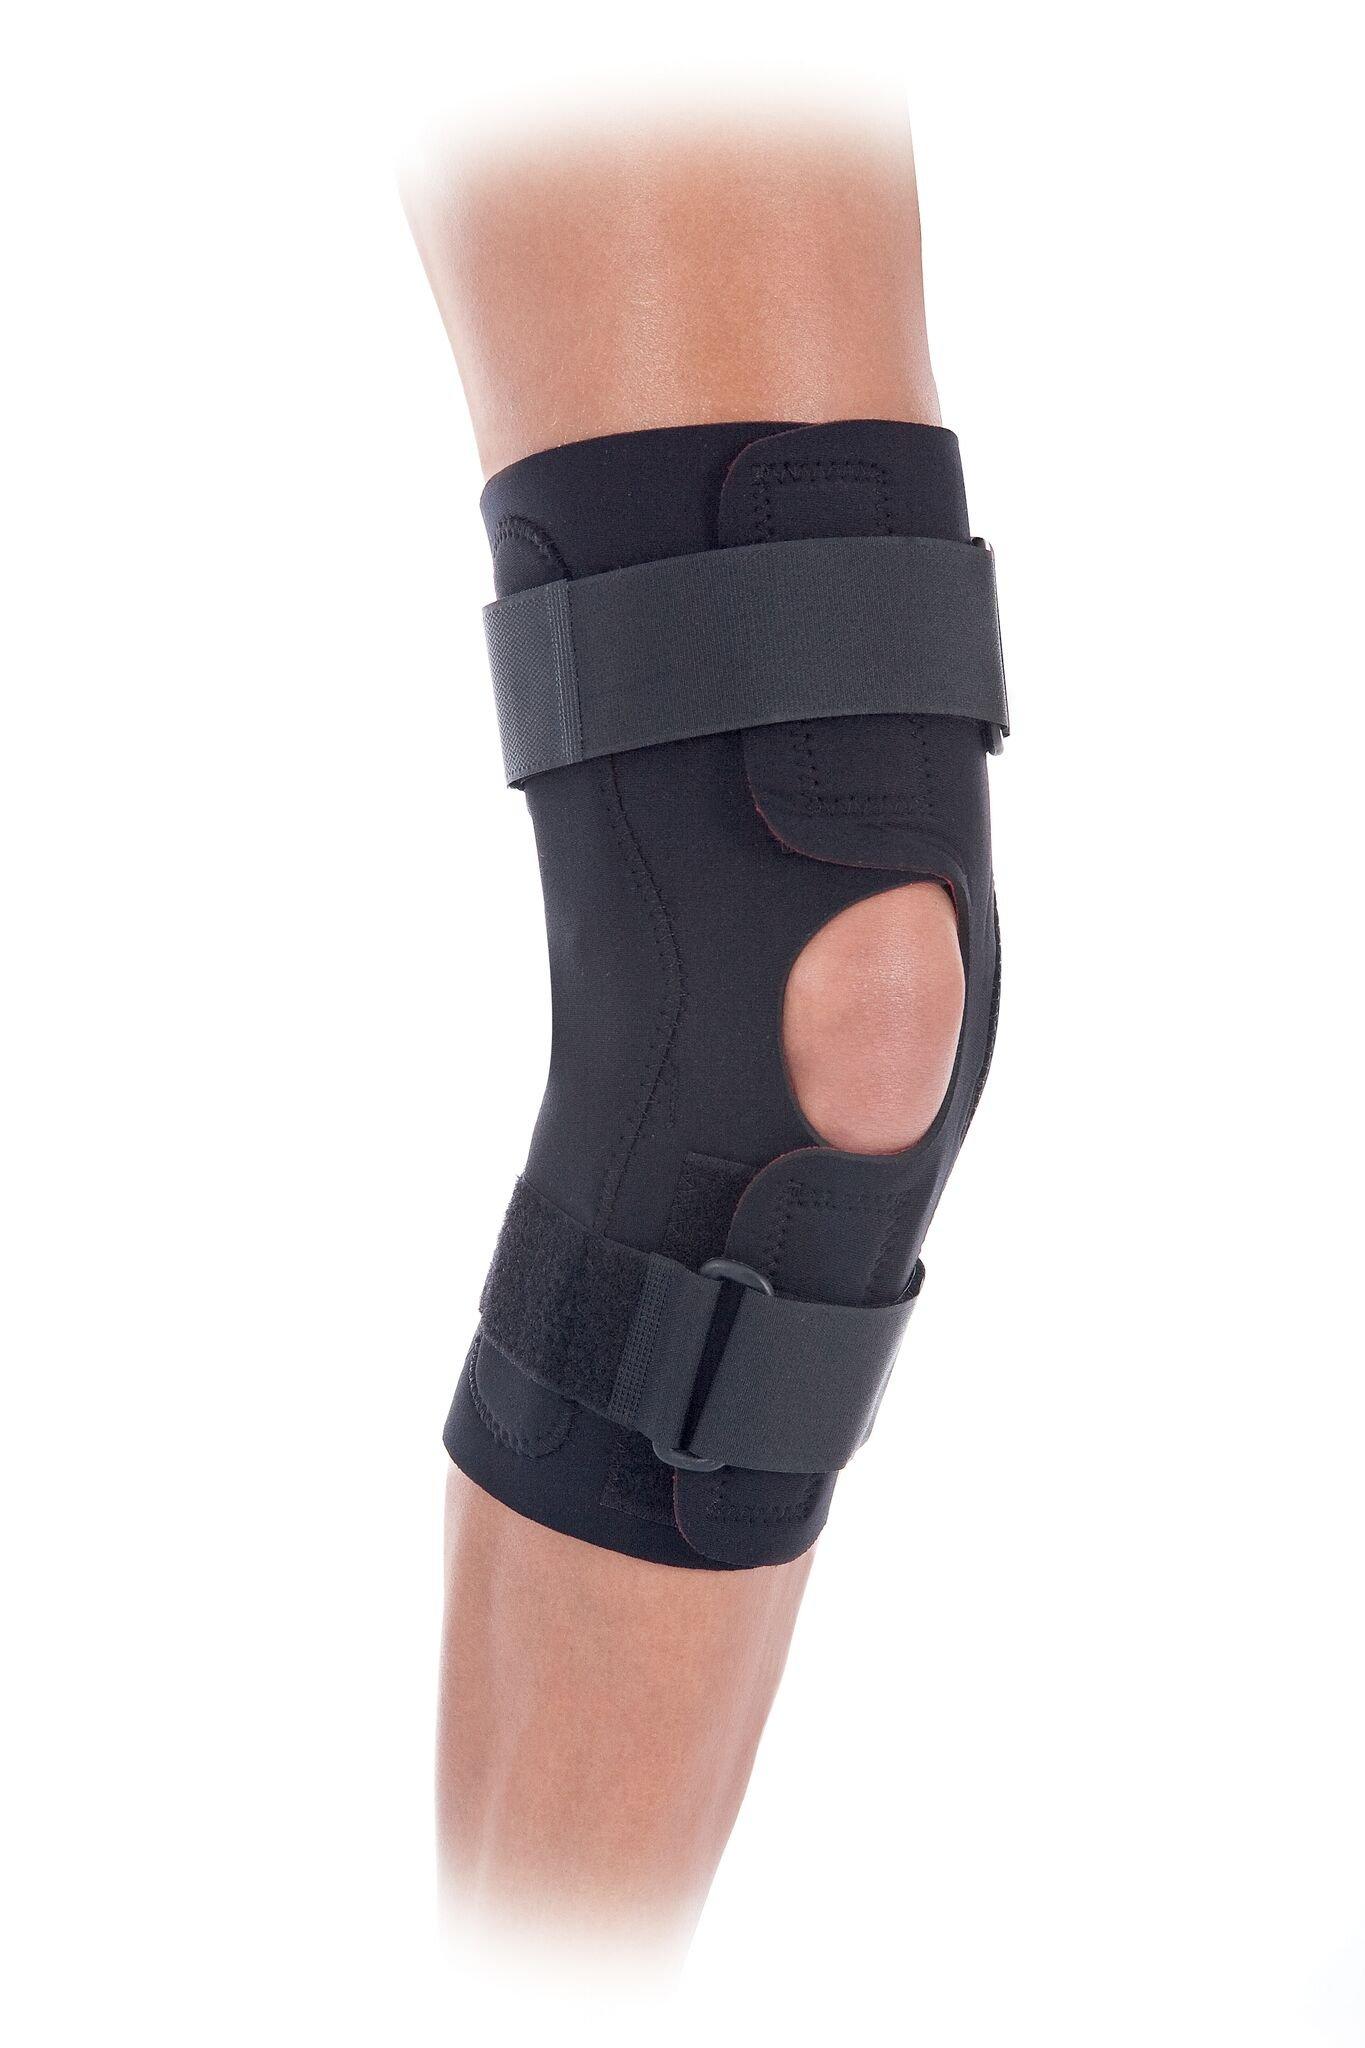 Health-Grade Wrap Around Hinged Knee Brace (Medium)